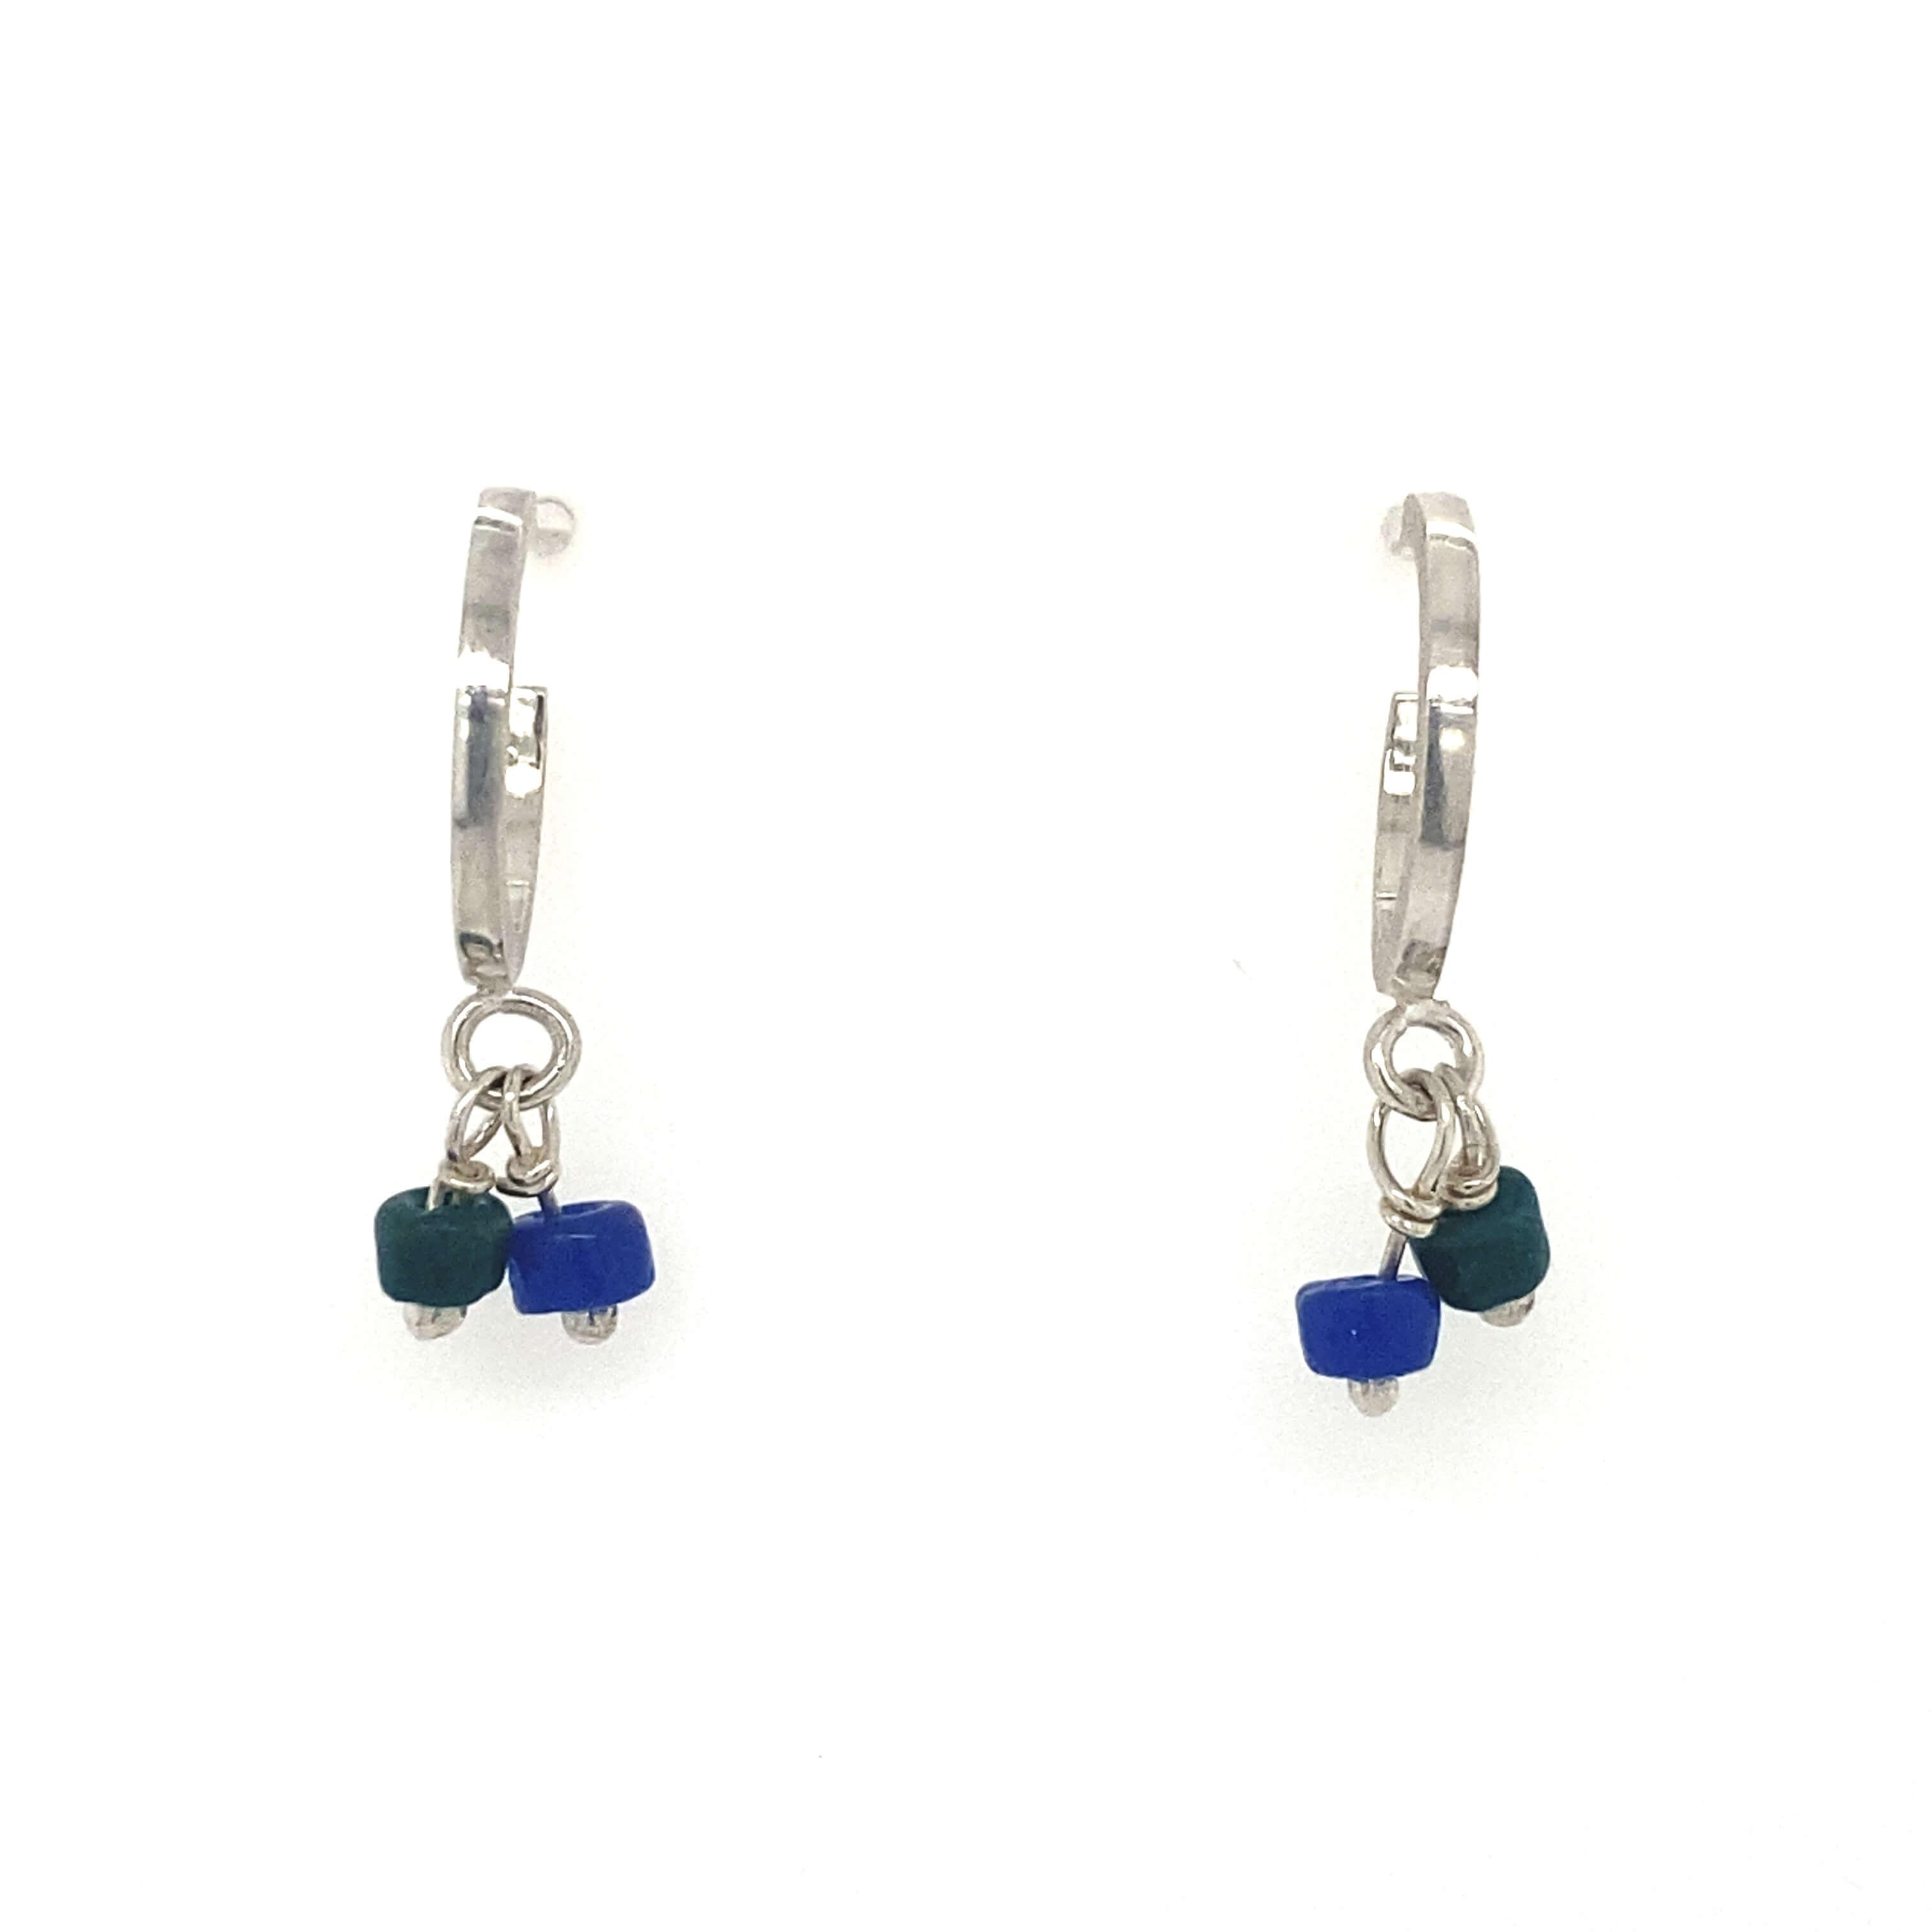 Small hoops Earrings - blue